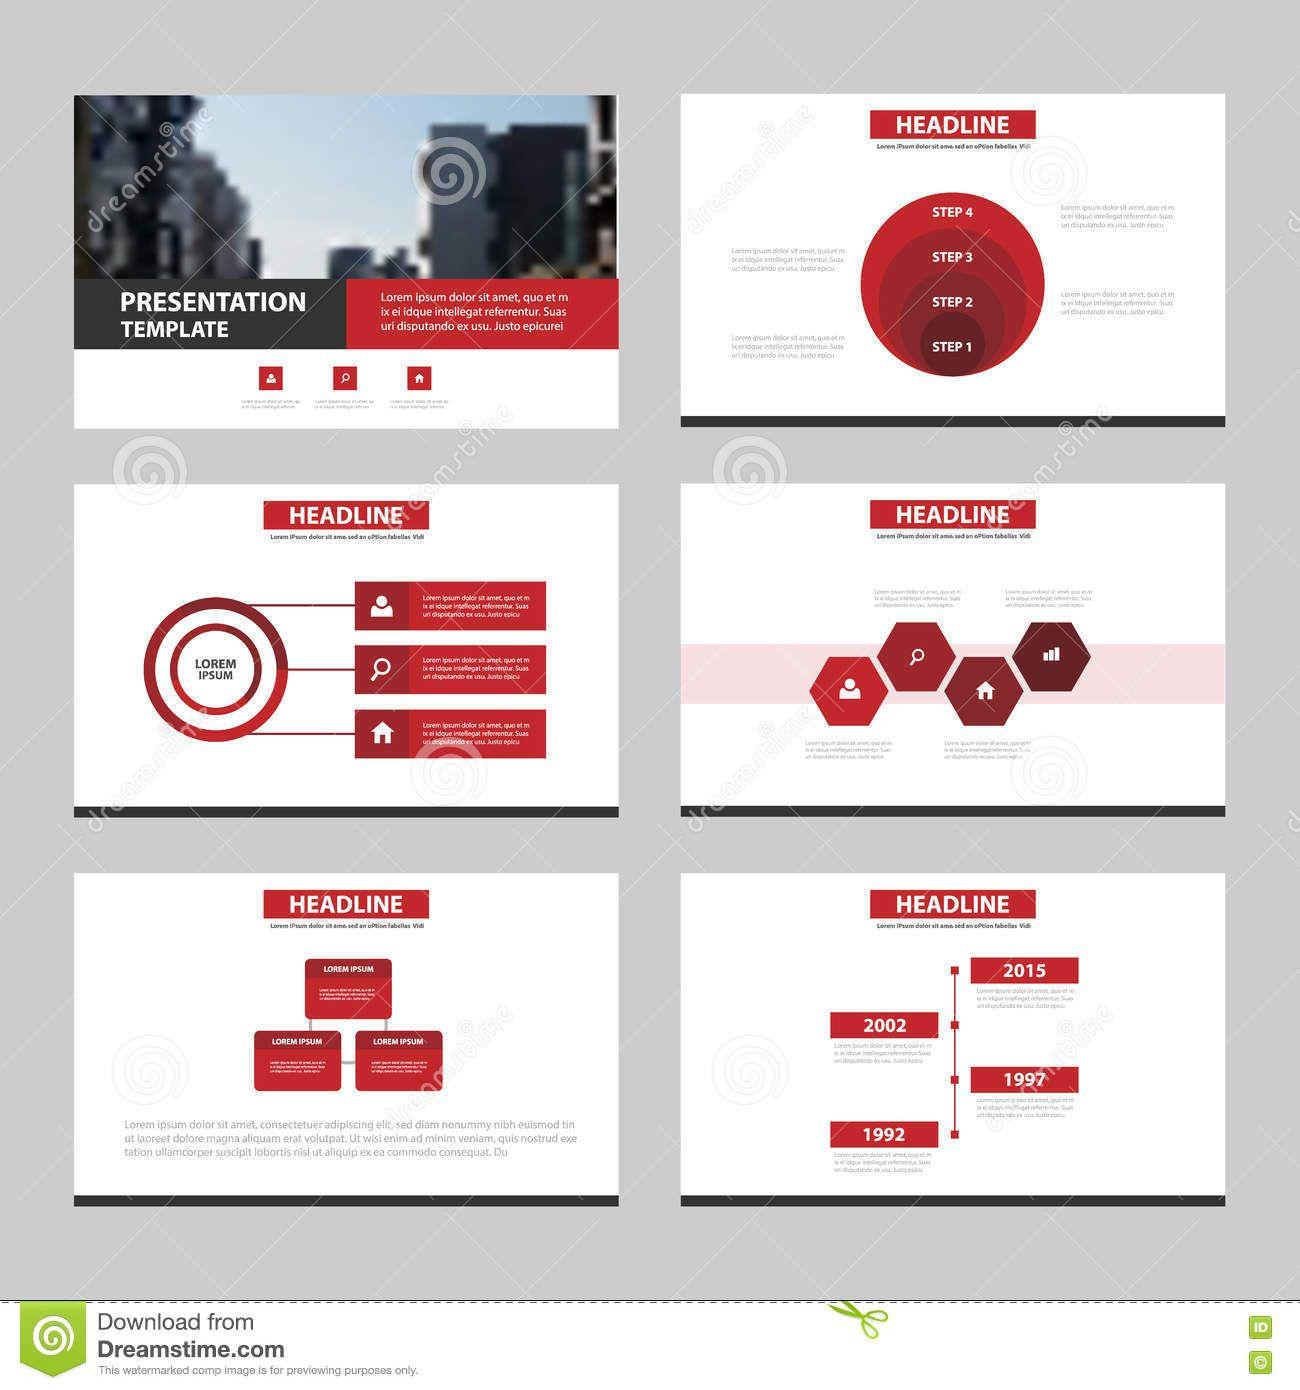 Modelos Infográficos, Resumo Da Amostra, Preto Avermelhado, Modelos De  Apresentação